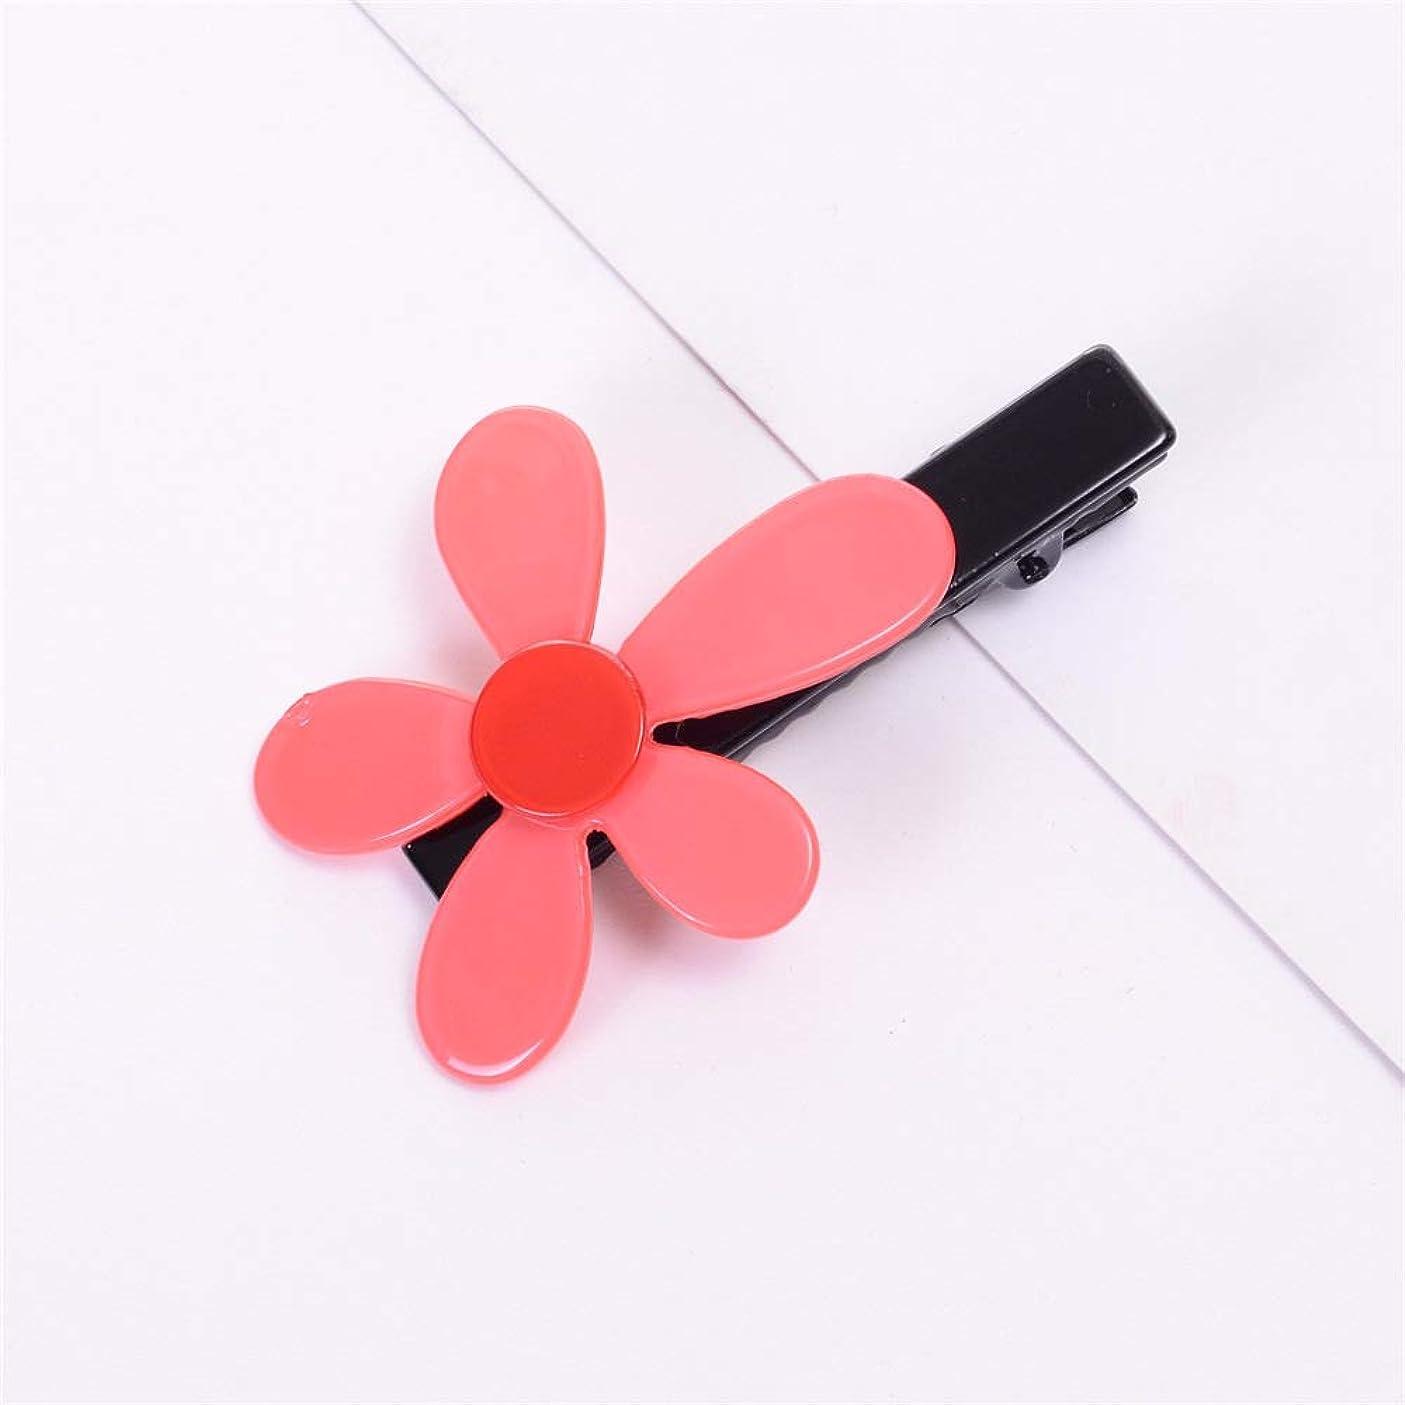 中性安らぎ強調するHuaQingPiJu-JP 1Pcシンプルなエレガントなフラワーヘアクリップファッションアクセサリー(ピンク)